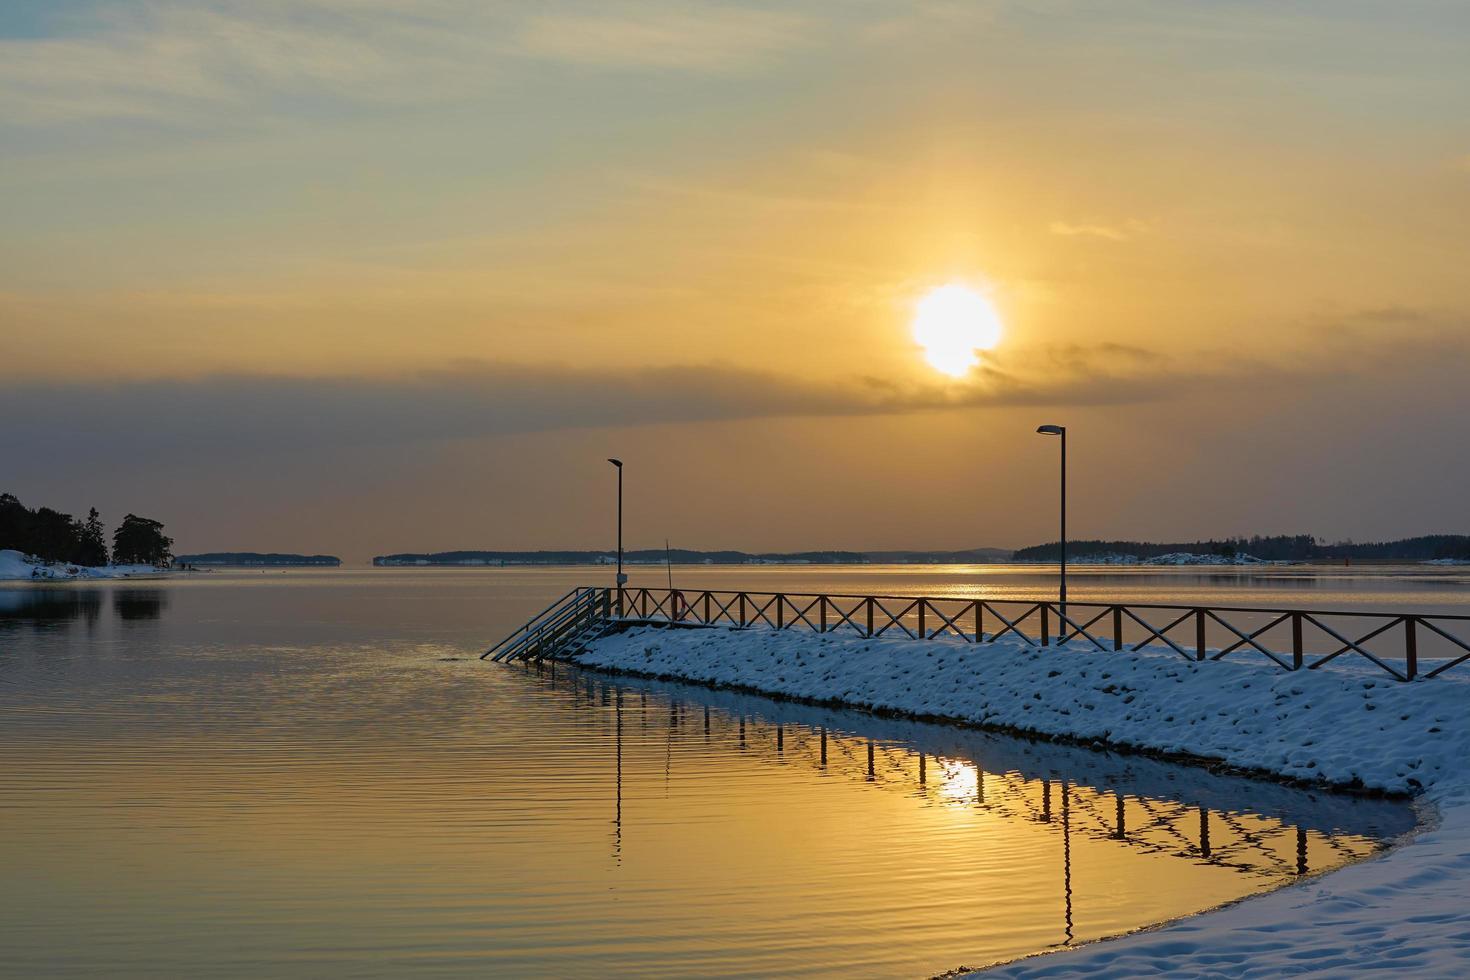 jetée couverte de neige au coucher du soleil au bord de la mer photo